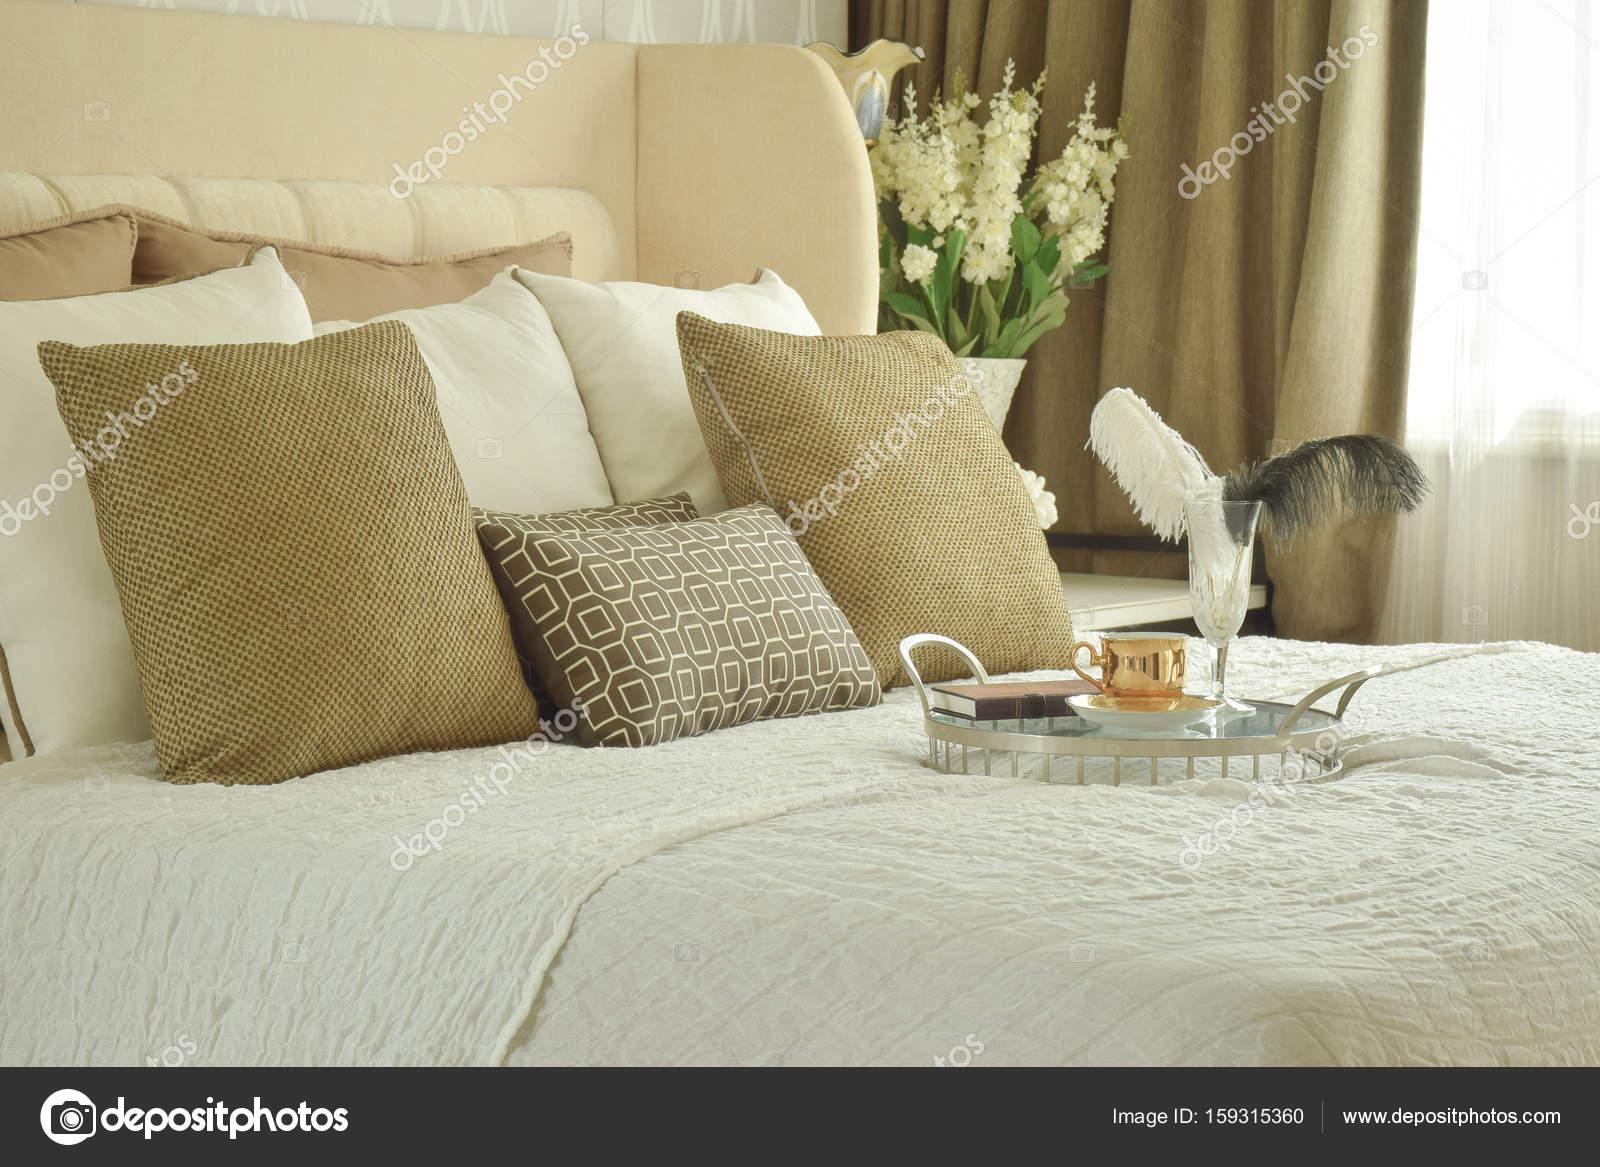 Decoratieve lade op bed in de slaapkamer van de klassieke stijl